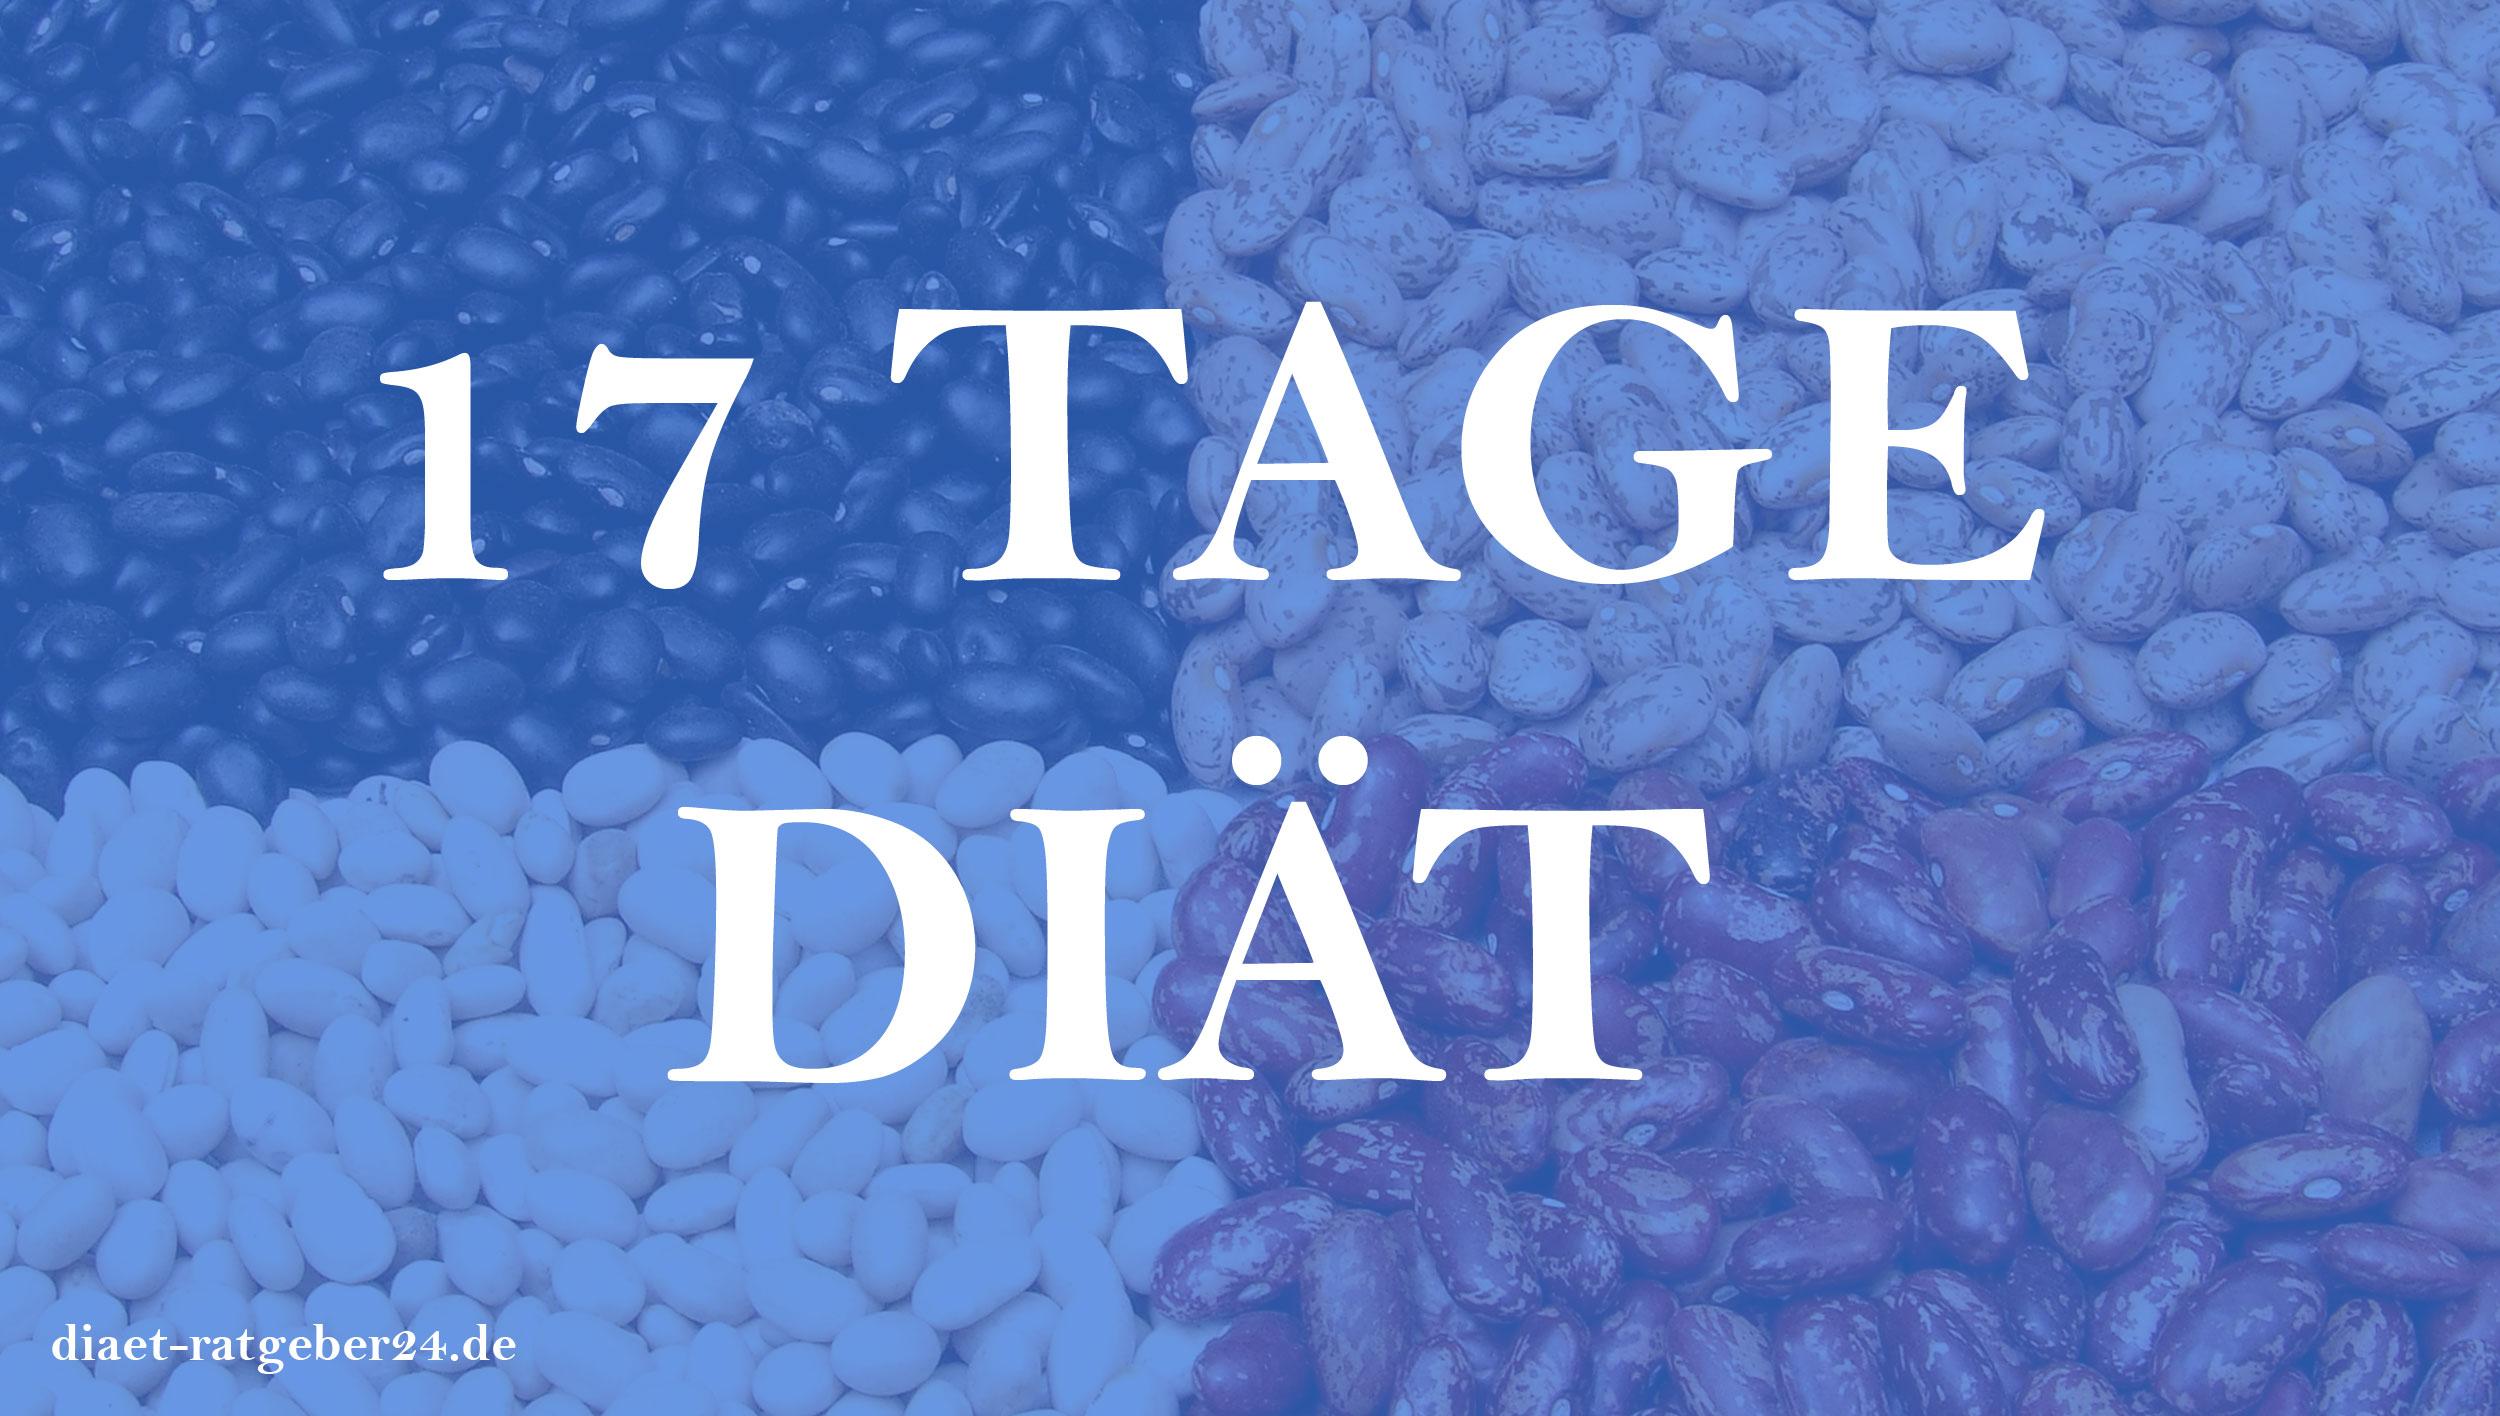 Hyperproteic Diät Essen erlaubt pdf